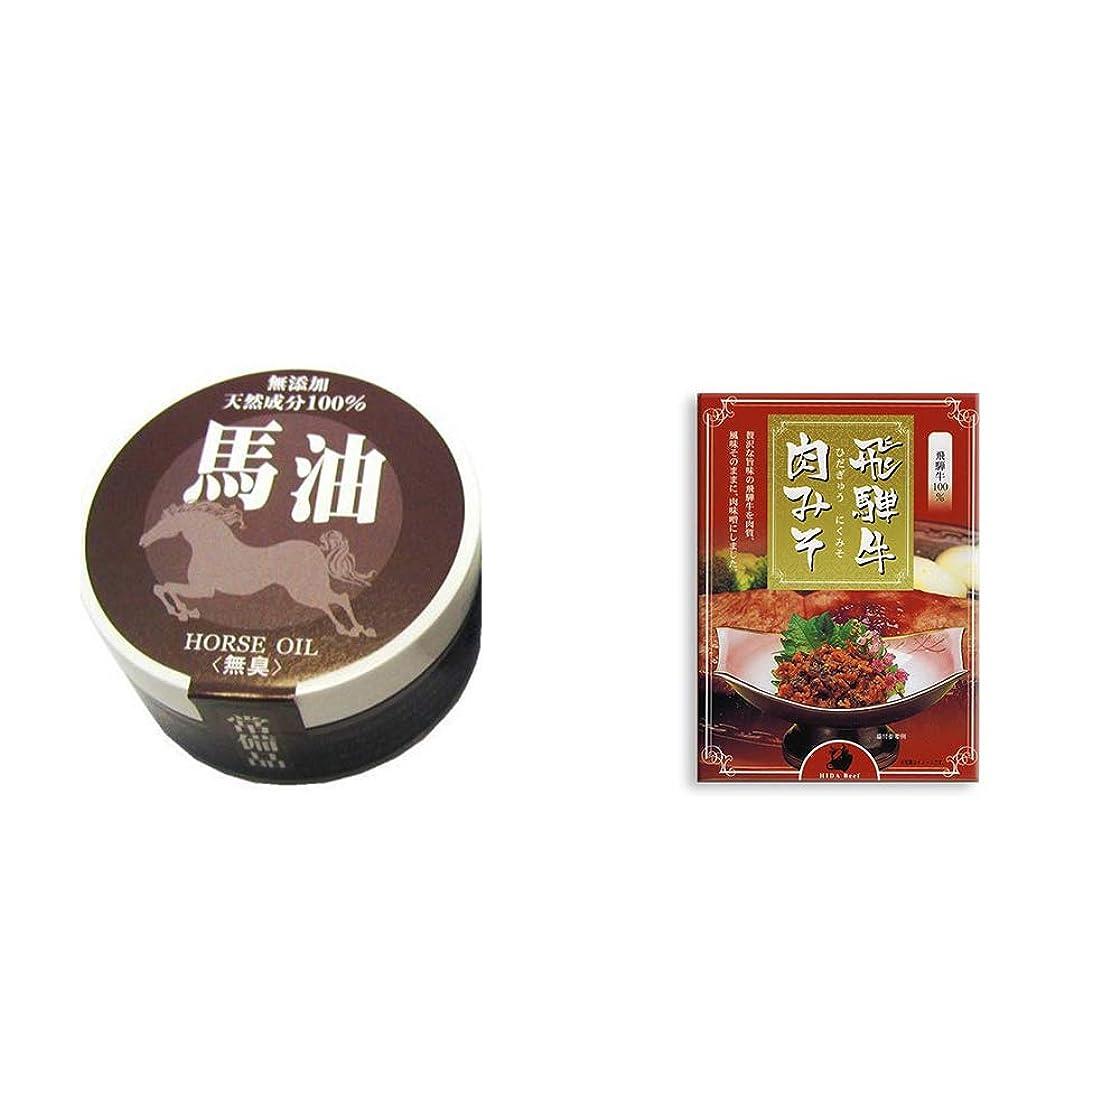 フィットクレデンシャル晩ごはん[2点セット] 無添加天然成分100% 馬油[無香料](38g)?飛騨牛肉みそ(200g)